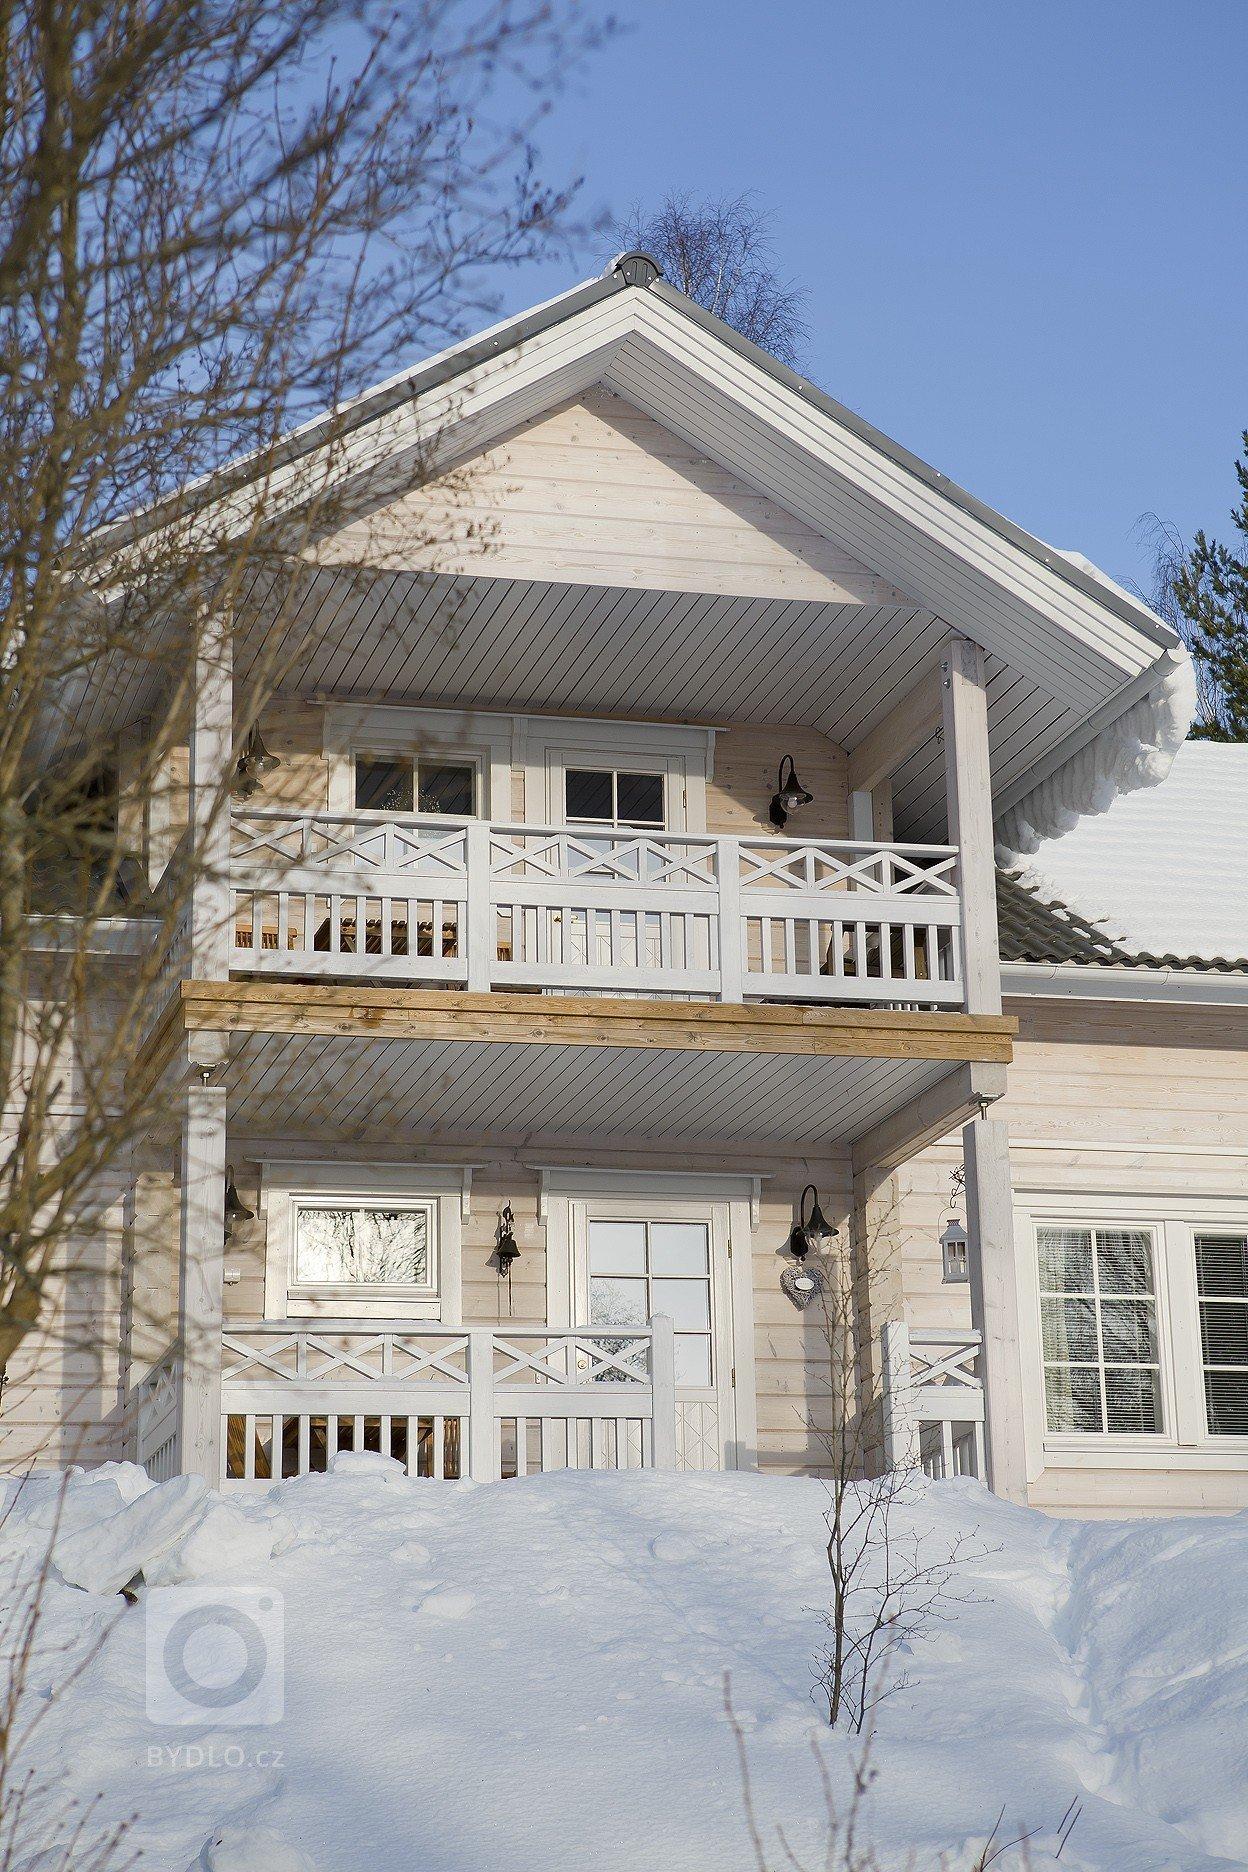 Další z velicepovedených realizací srubového domu KONTIO na přání majitelů. Dřevěný interiér v přírodních odstínechvytváří unikatní atmosféru.…